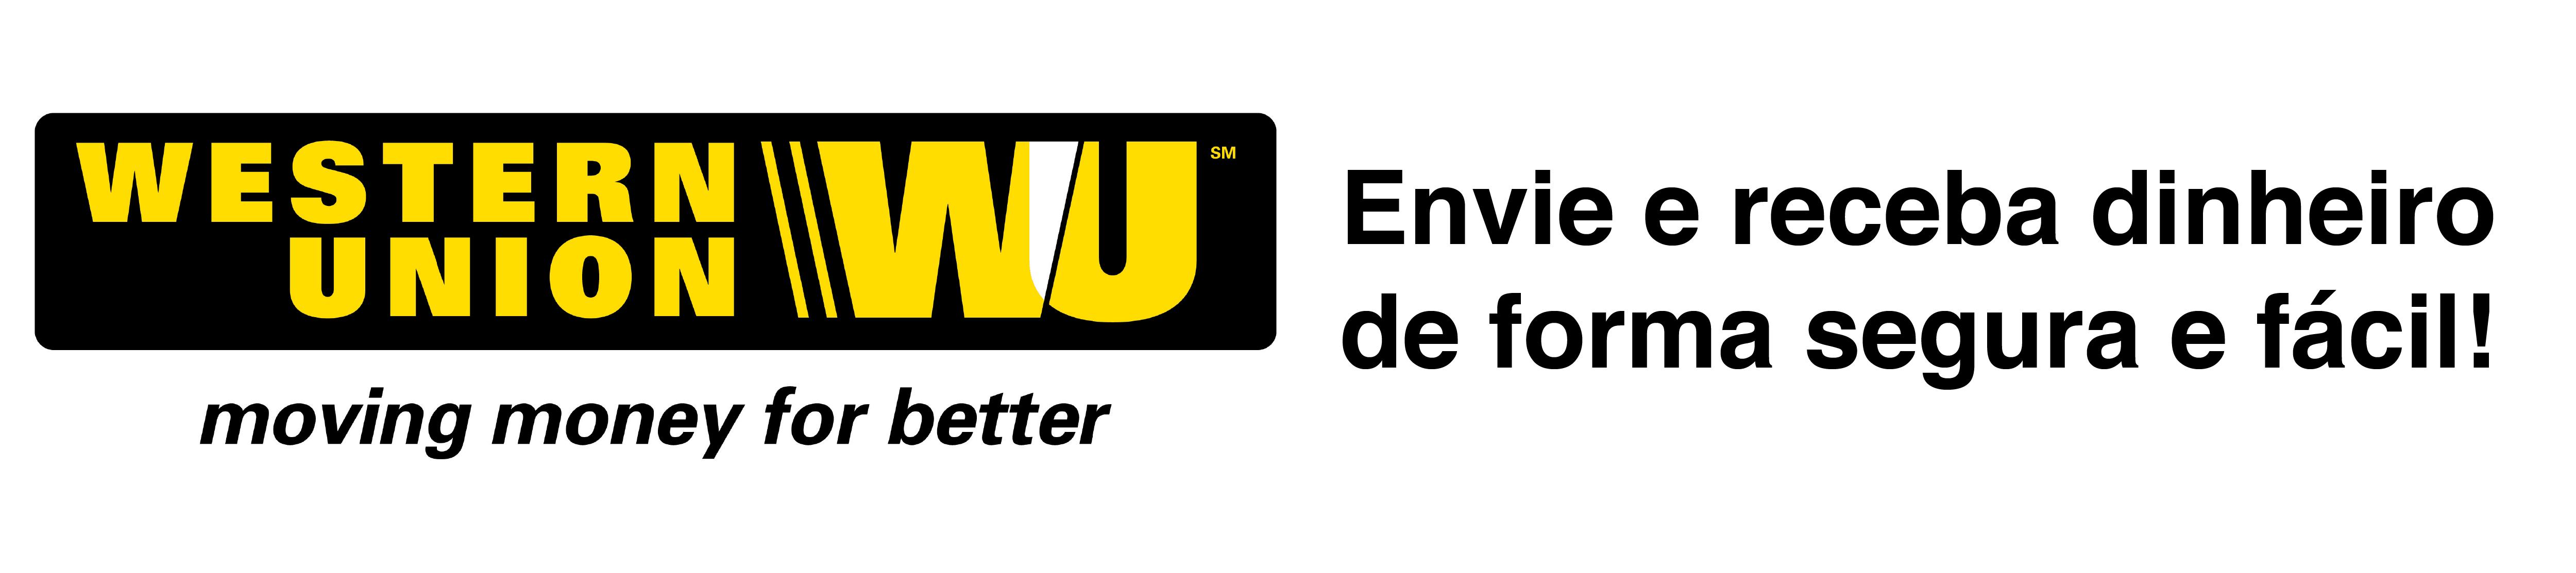 Western Union - Envie e receba dinheiro de forma segura e fácil